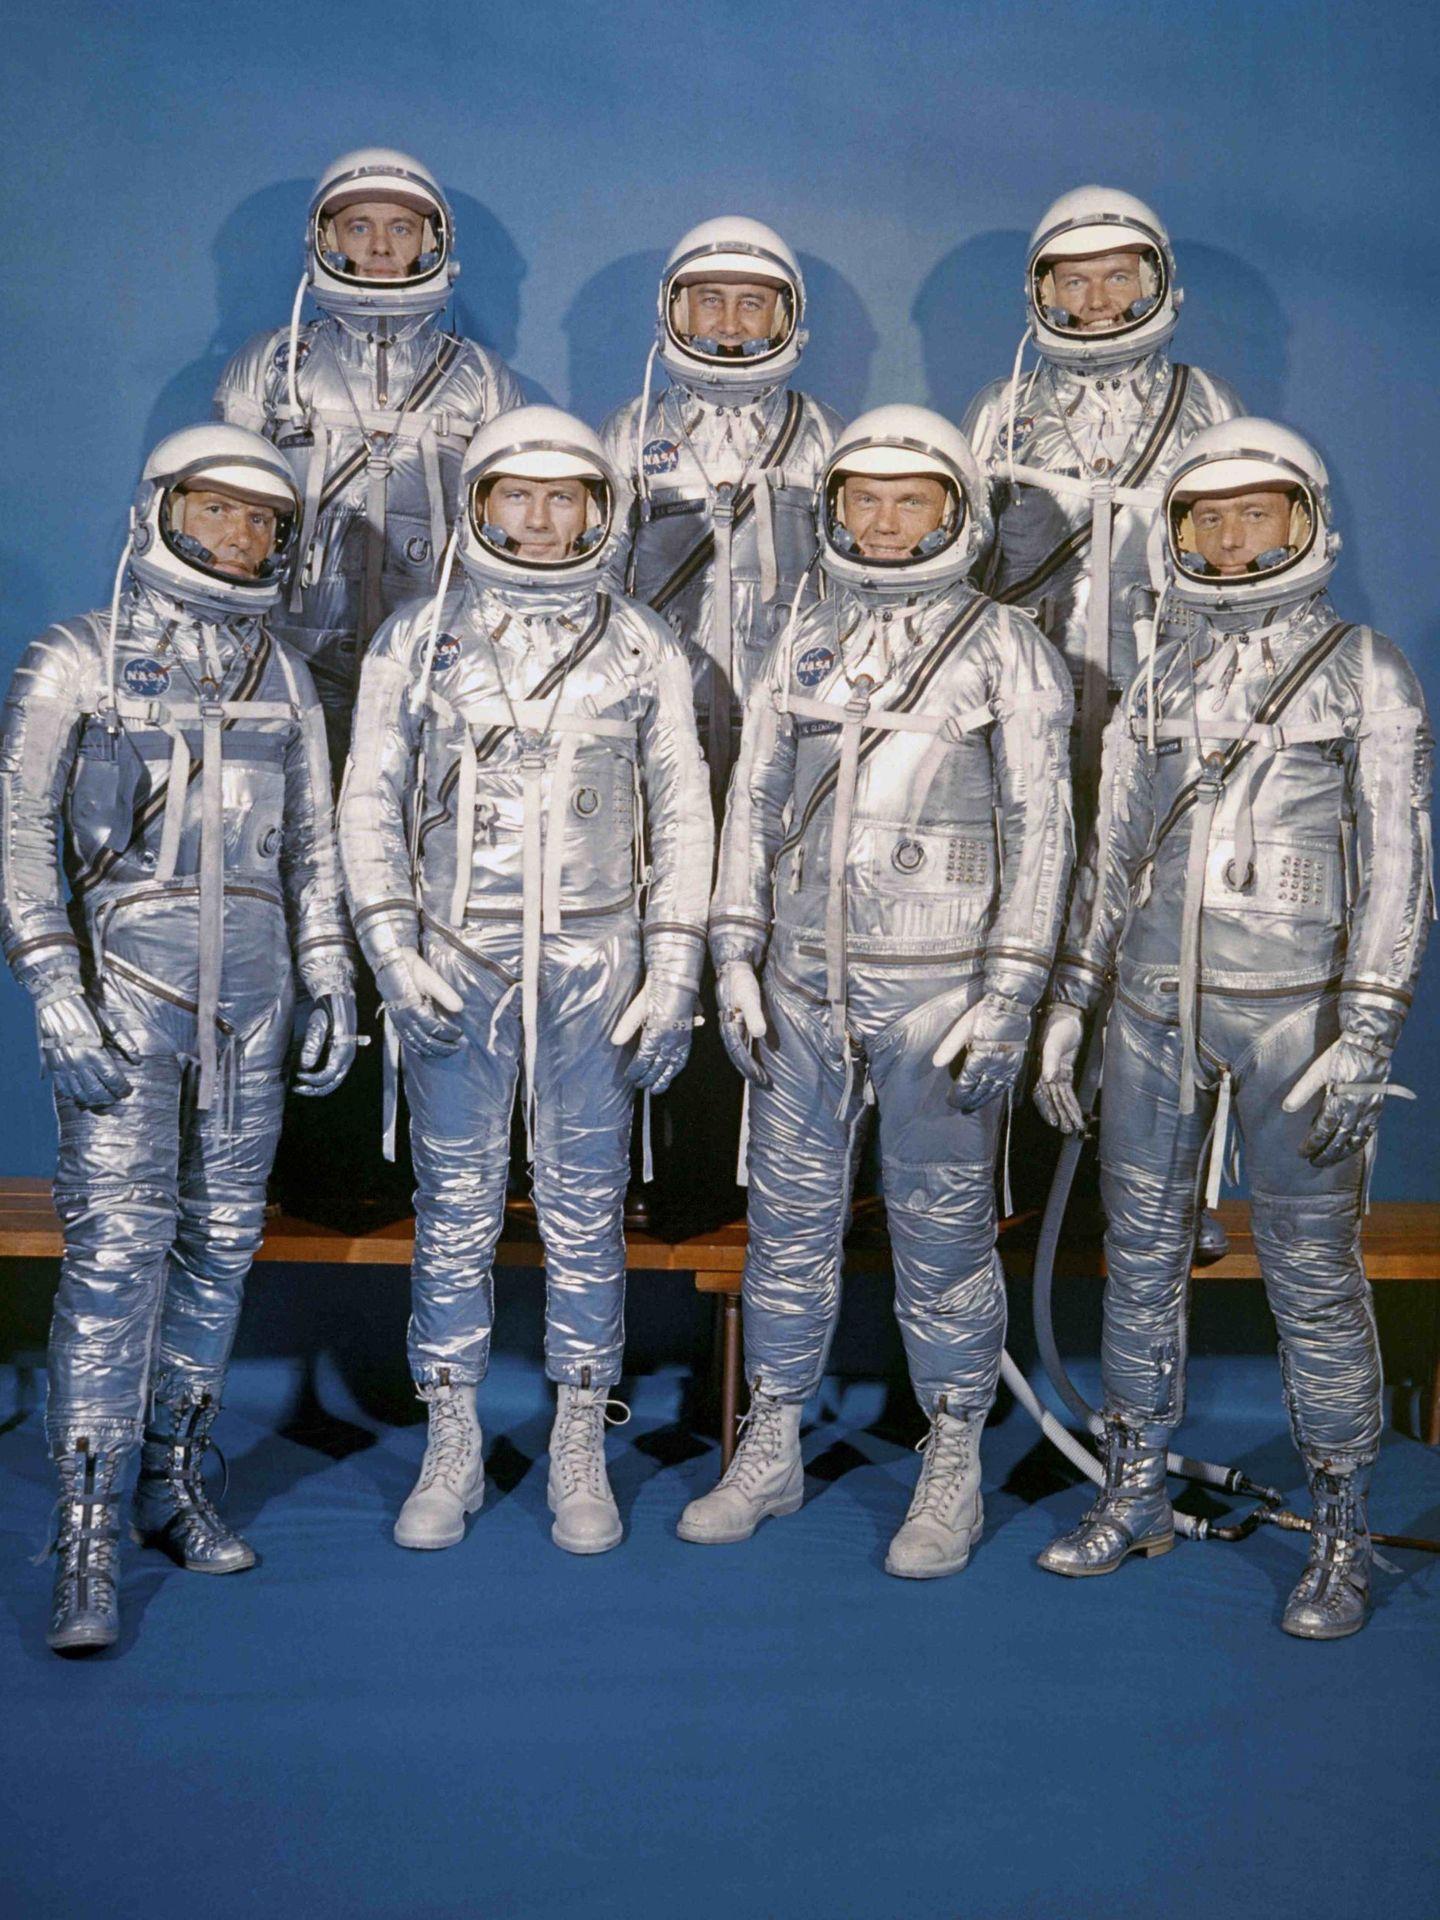 La misión Mercury 7. Scott aparece en la fila inferior a la derecha. (Reuters)